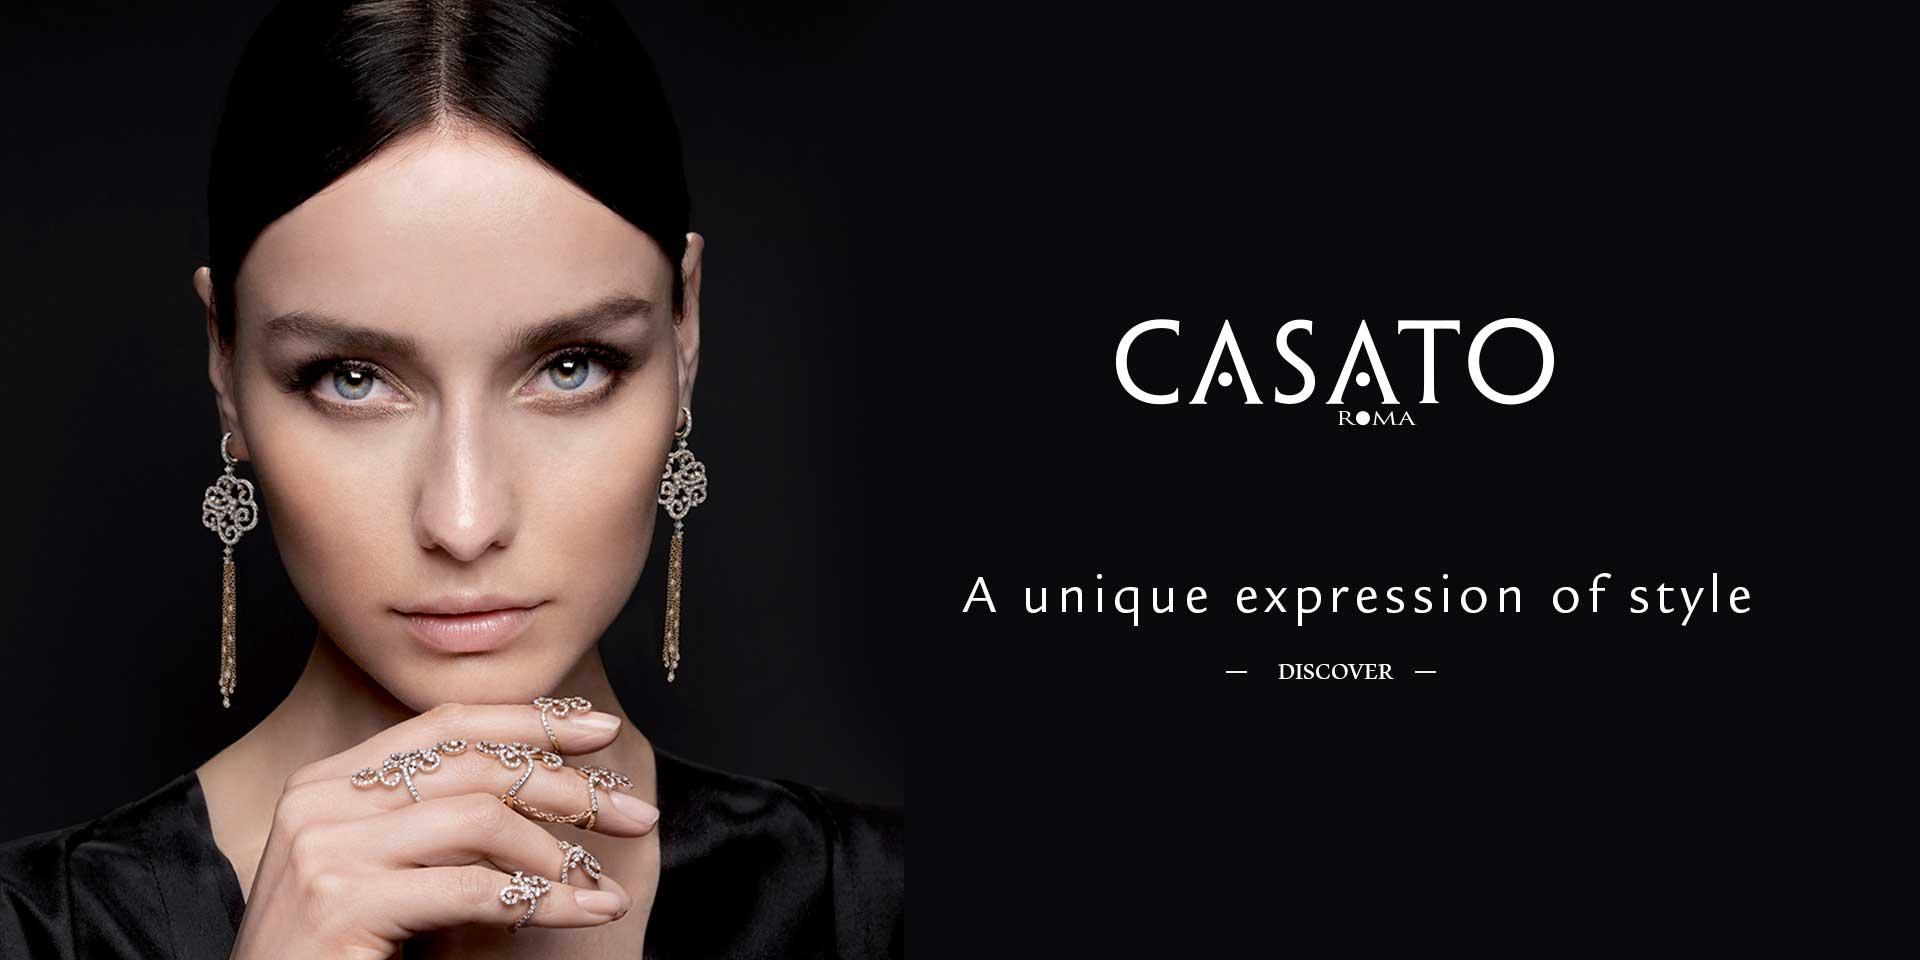 1545897128_4_casato.jpg